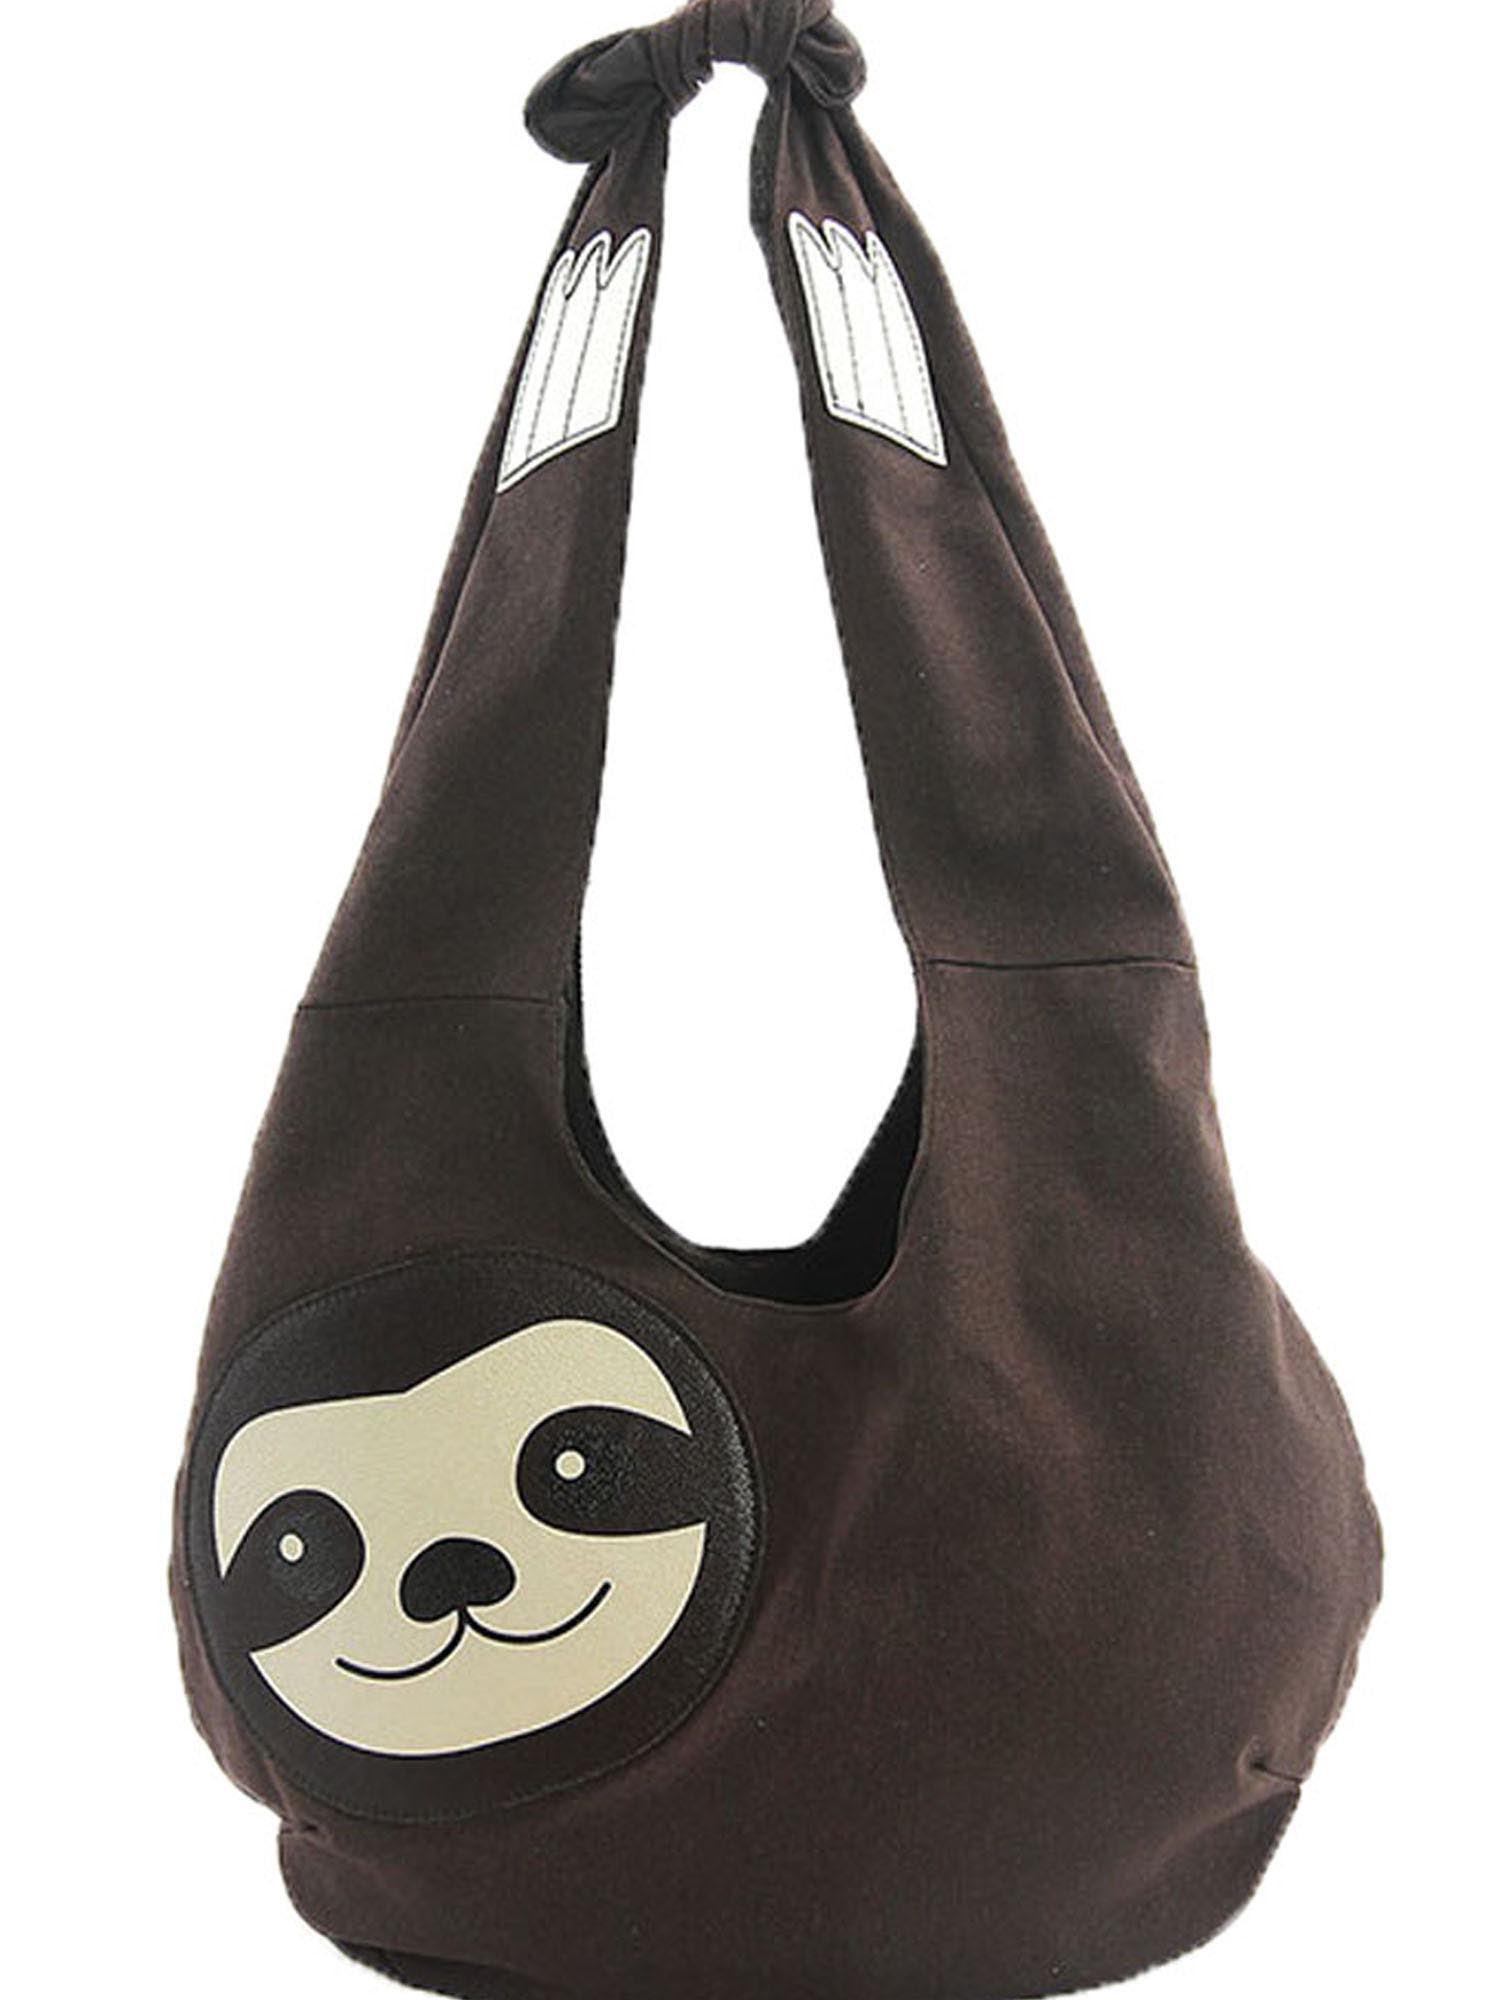 Sleepyville Critters Hang Loose Sloth Shape Canvas Vegan Hobo Shoulder Bag Purse